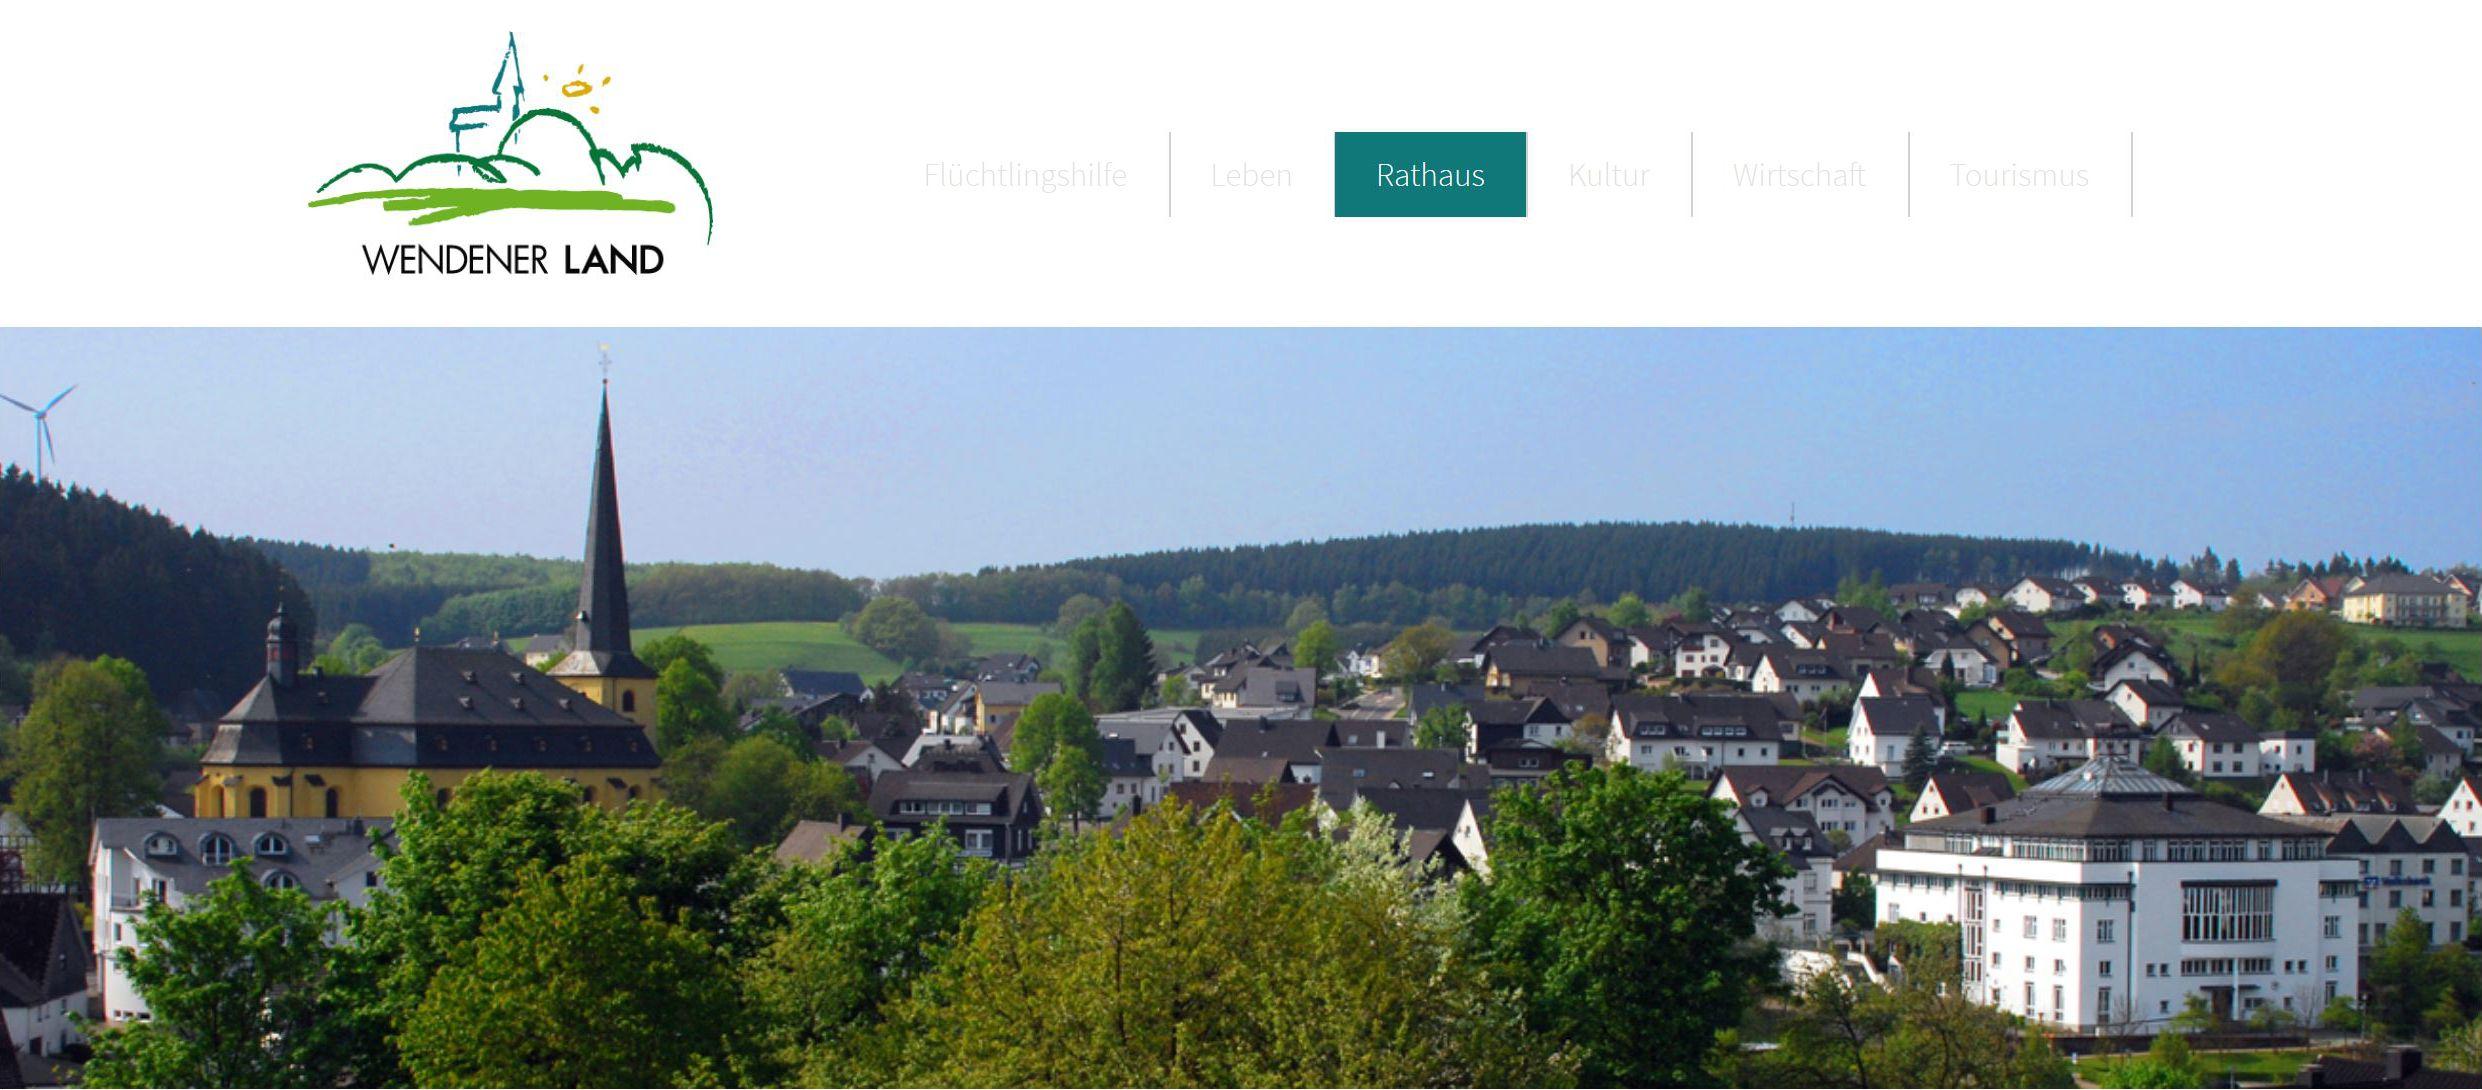 Werbelogo, Stadtwappen und Bildkollage der Gemeinde Wenden